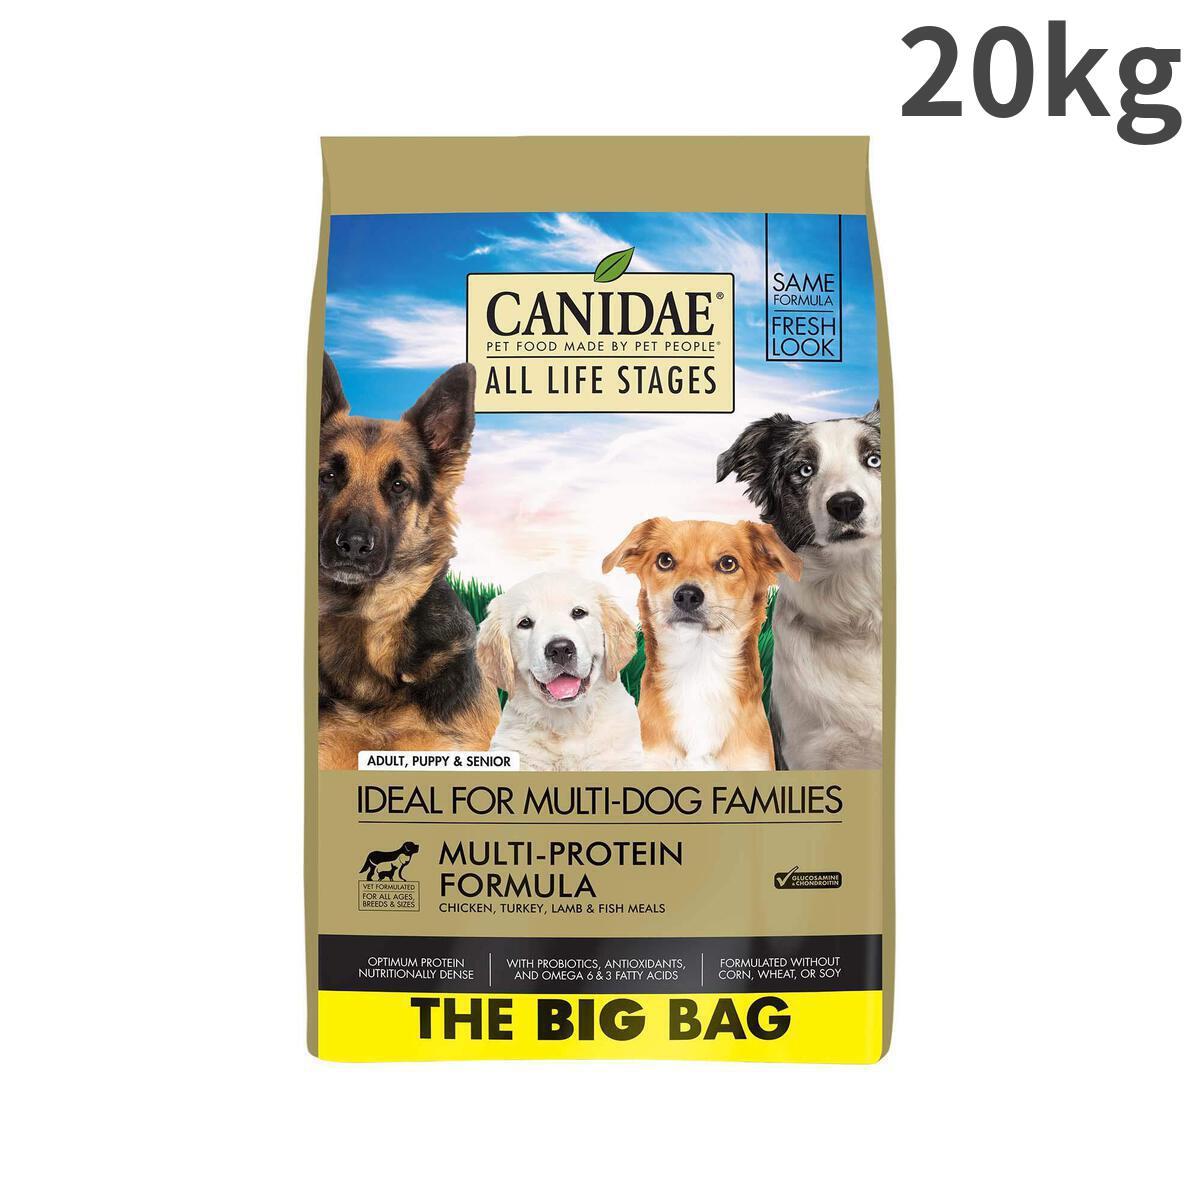 キャネディ オールライフステージ チキン・ターキー・ラム&フィッシュ 全年齢犬用 20kg【送料無料】